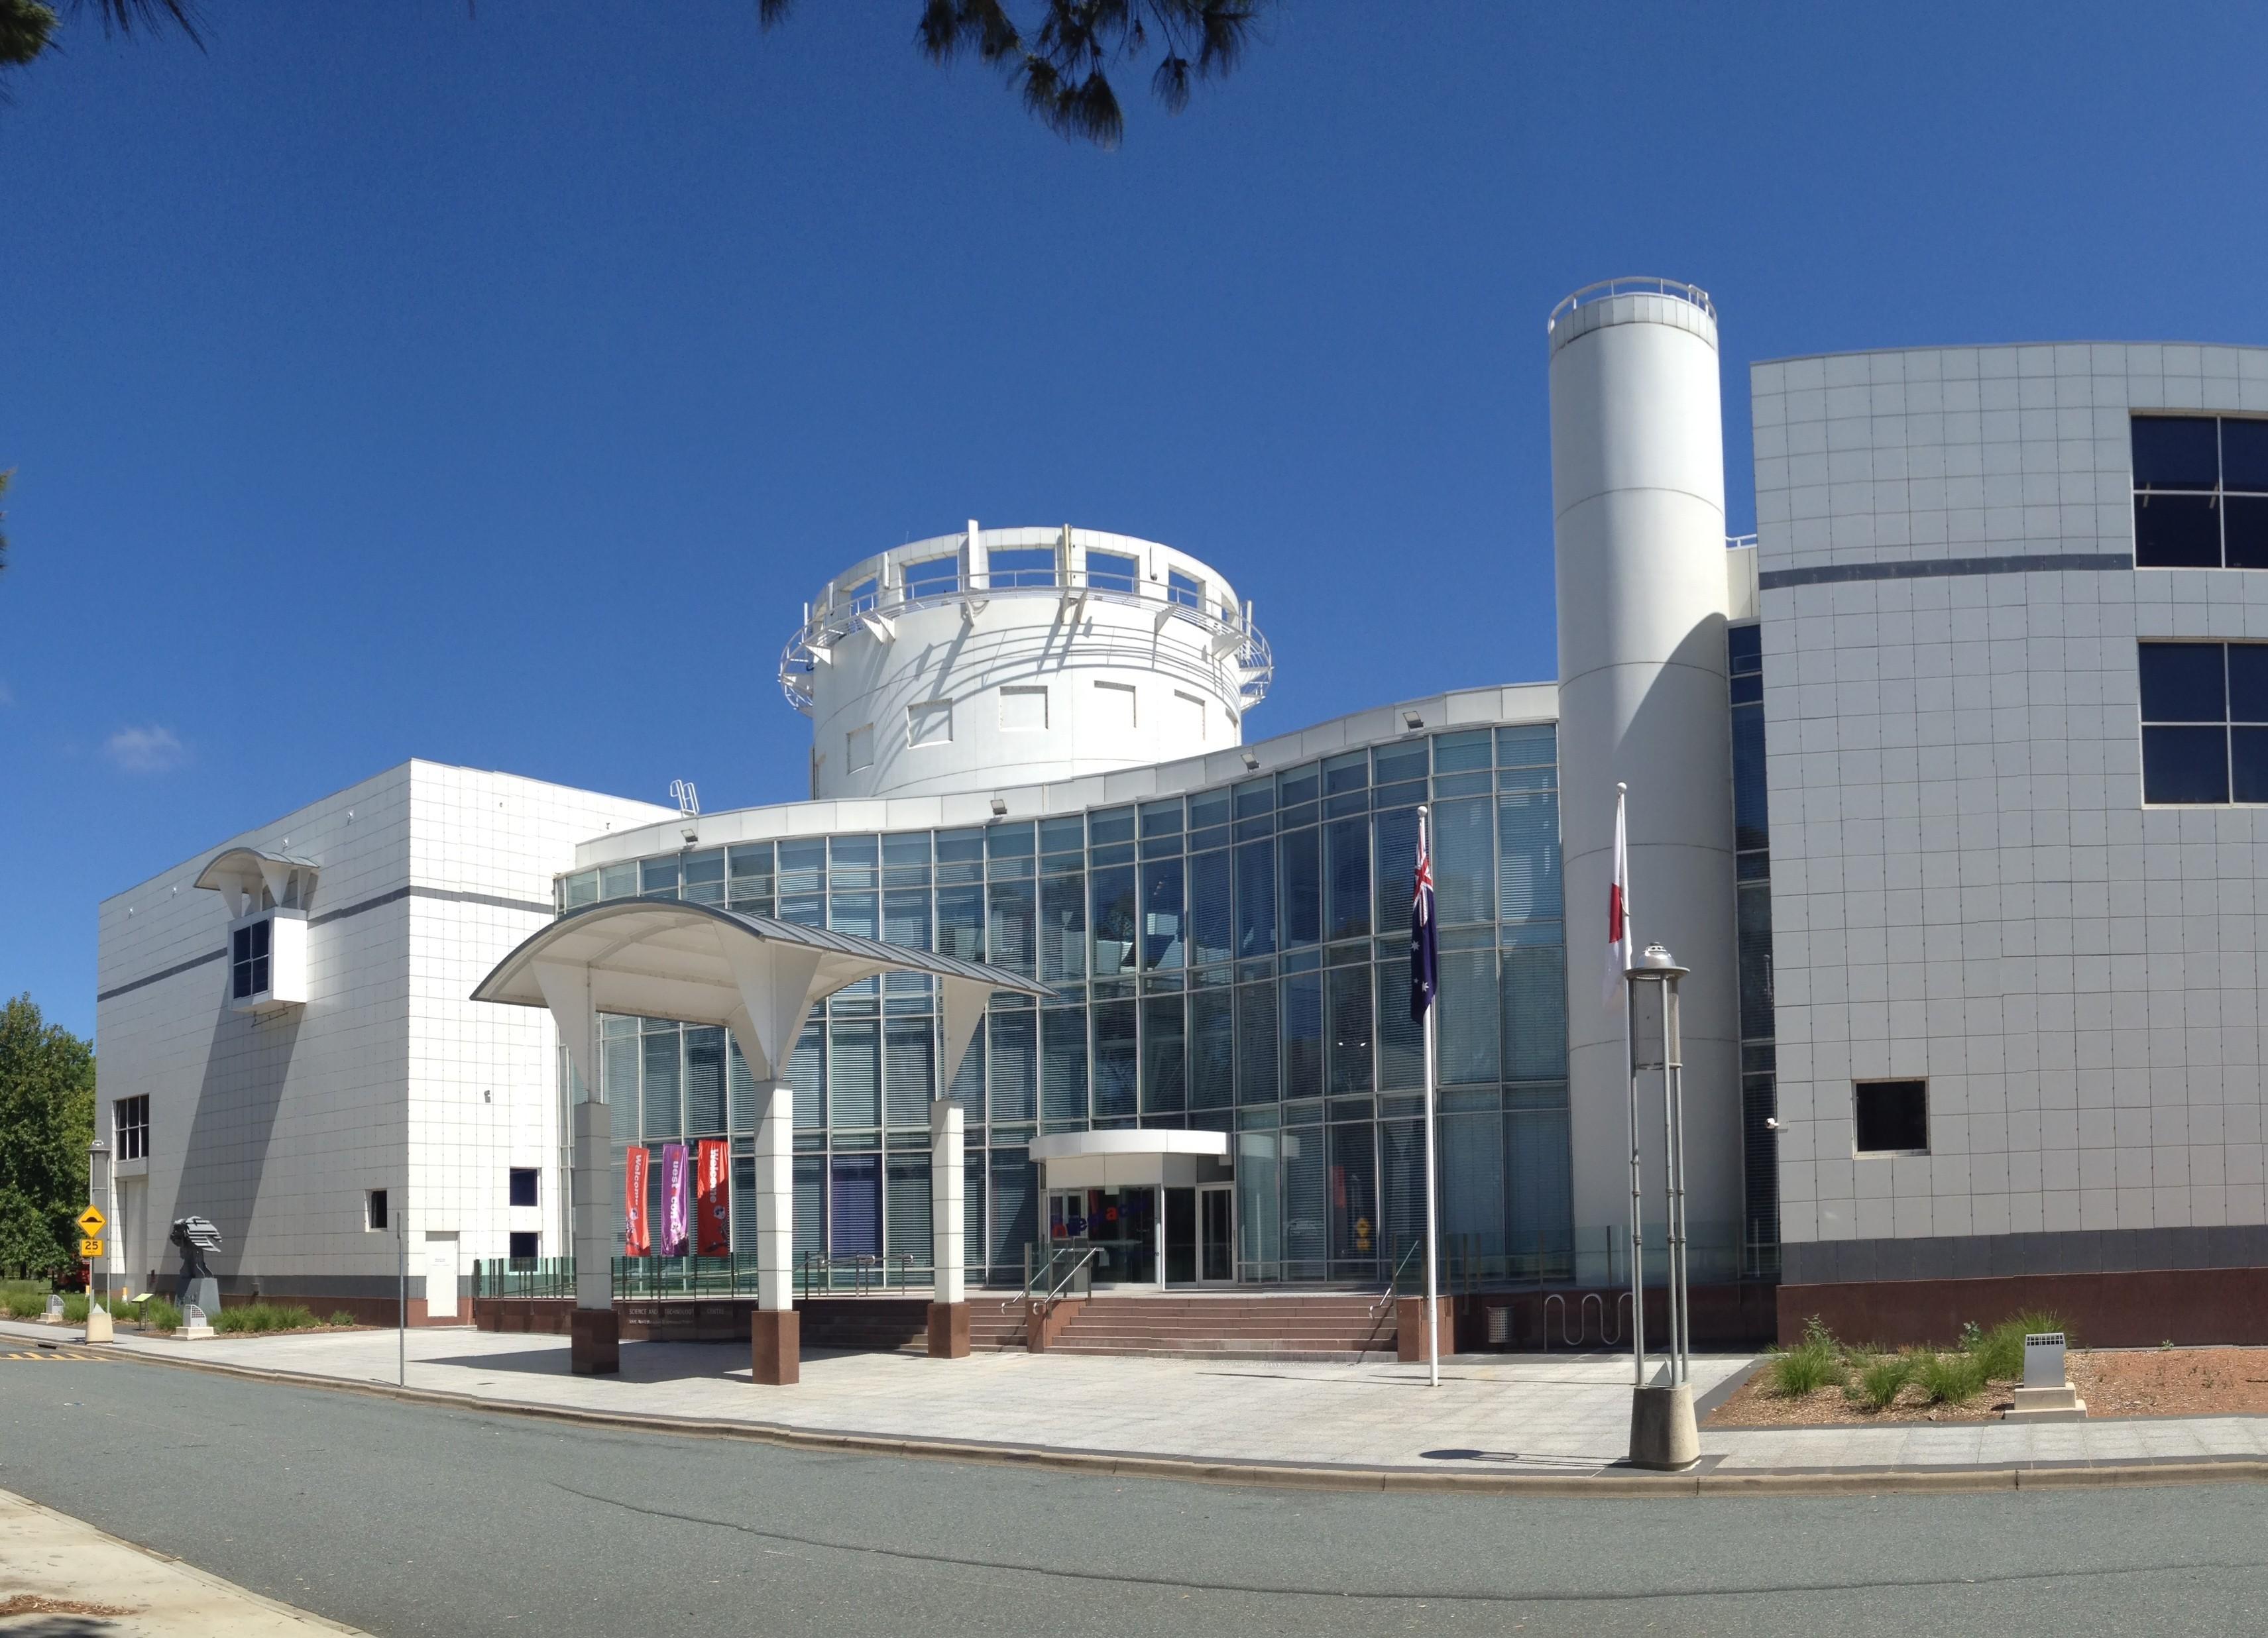 Технический музей Квестакон